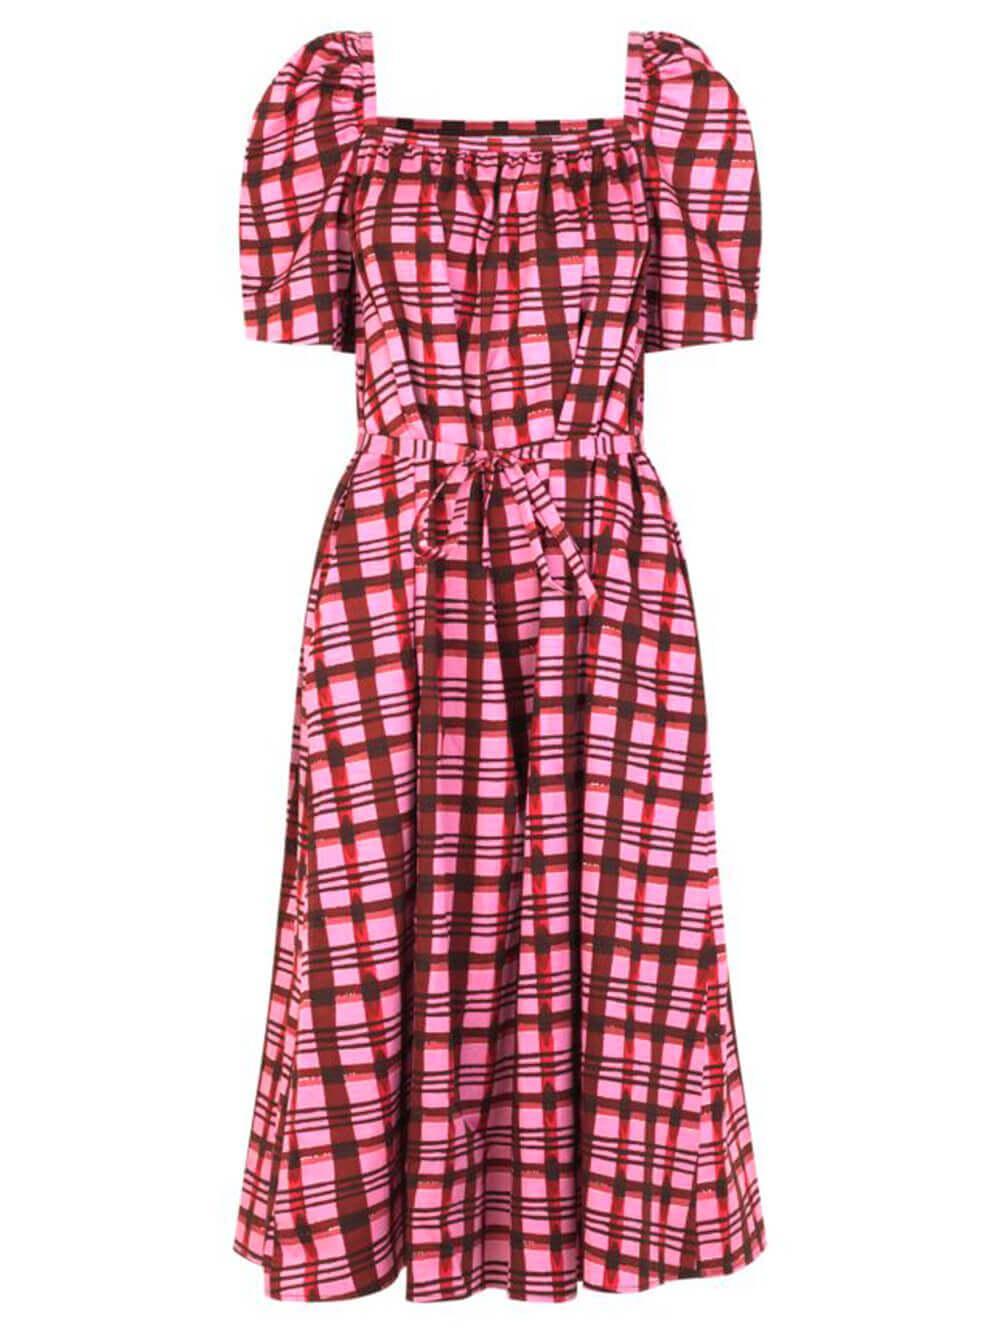 Aiko Midi Dress Item # 21777